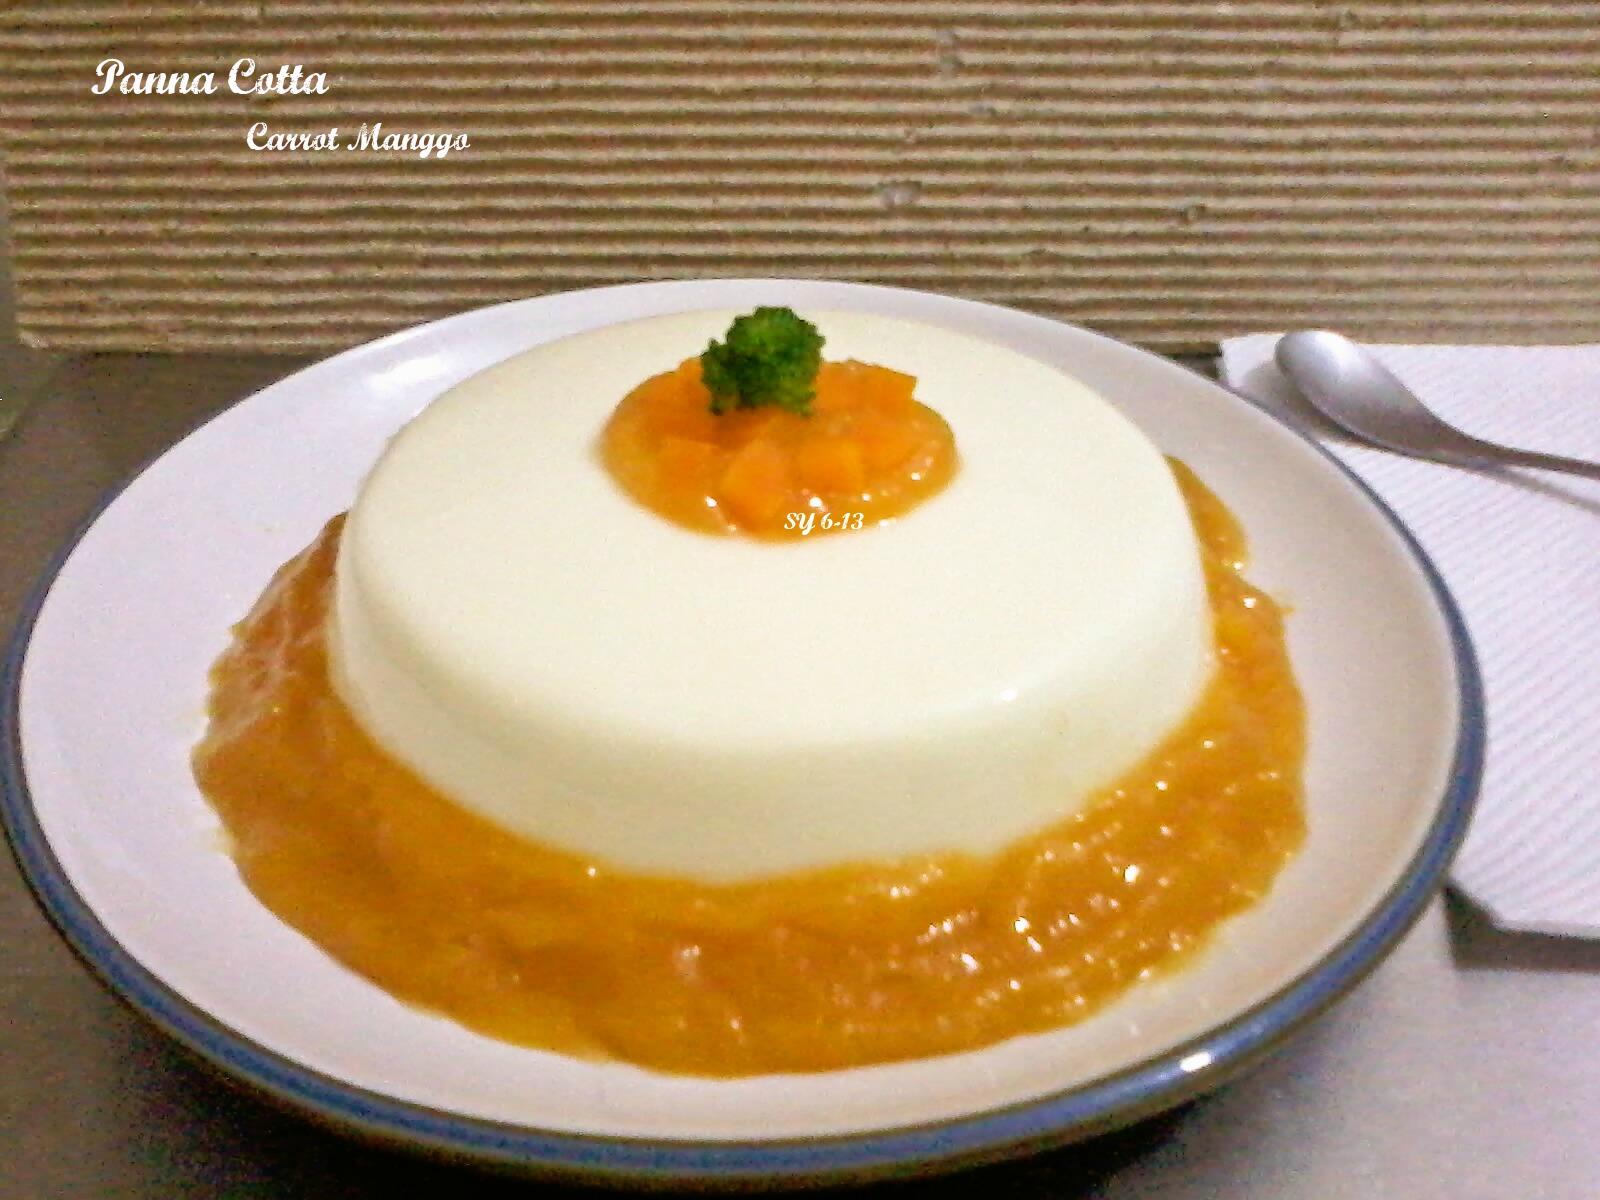 Panna Cotta adalah puding khas Itali yang super lembut dan creamy